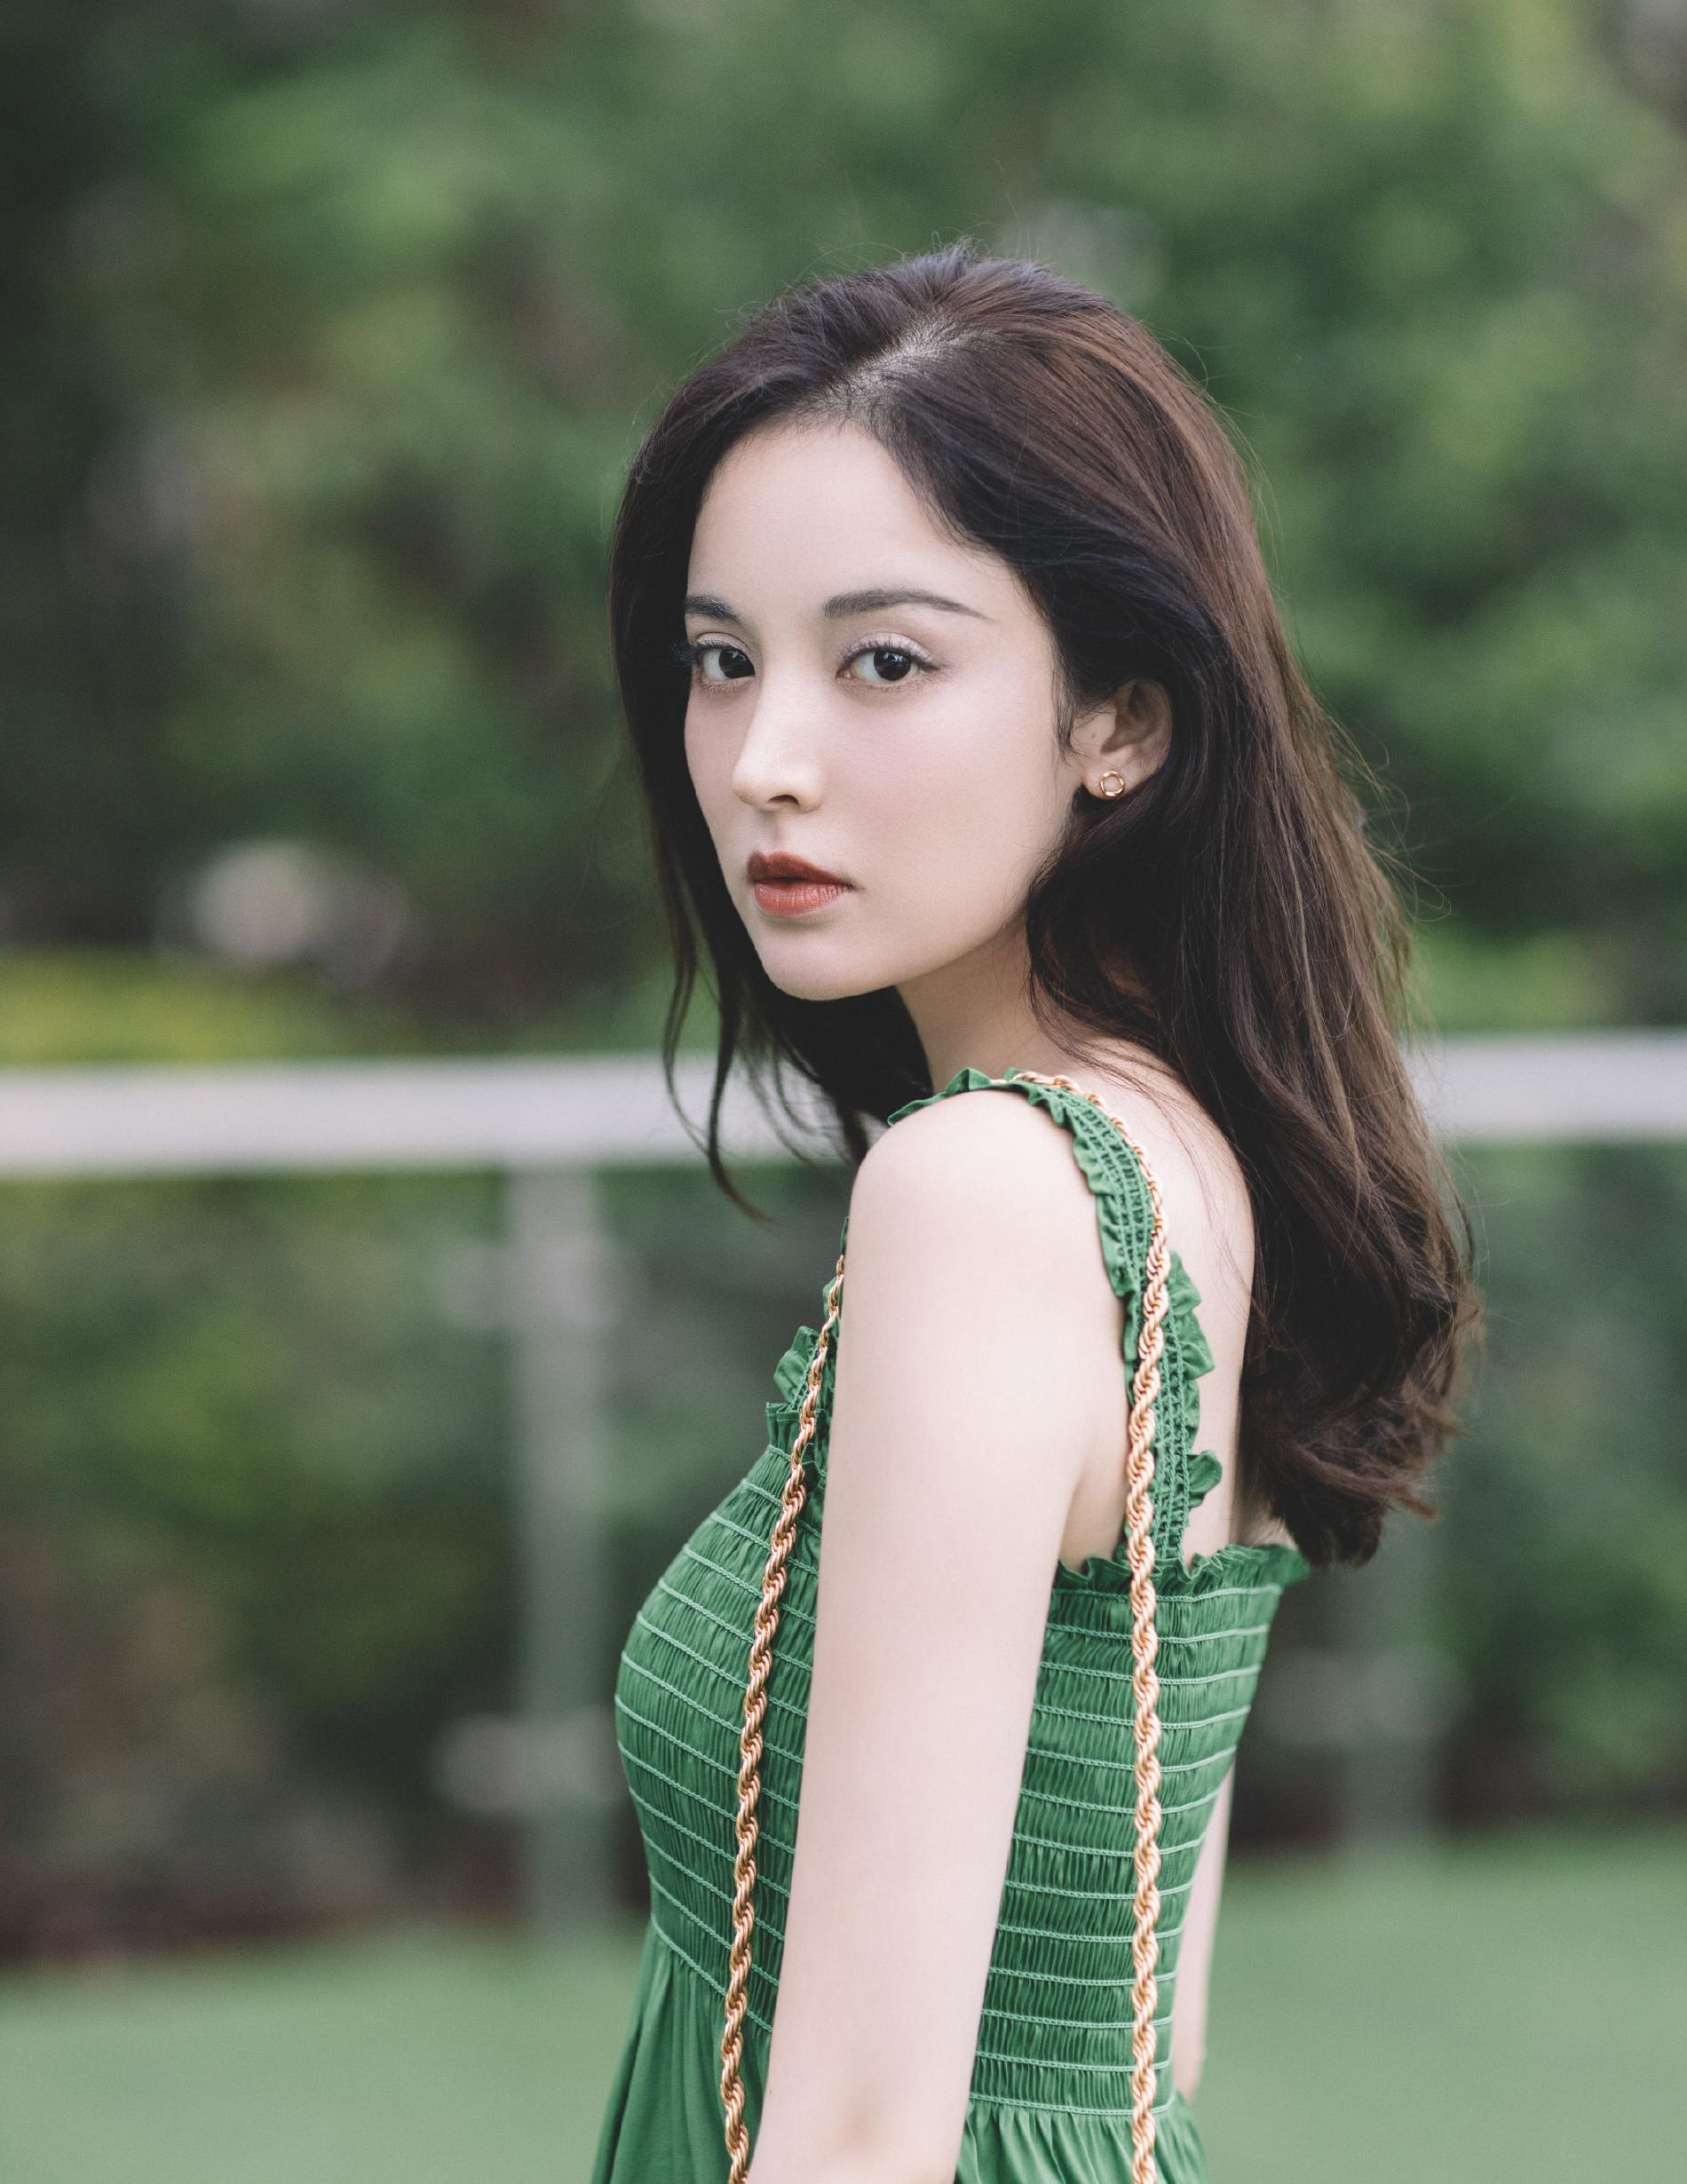 古力娜扎写真,一袭绿裙,气质优雅,清新可人